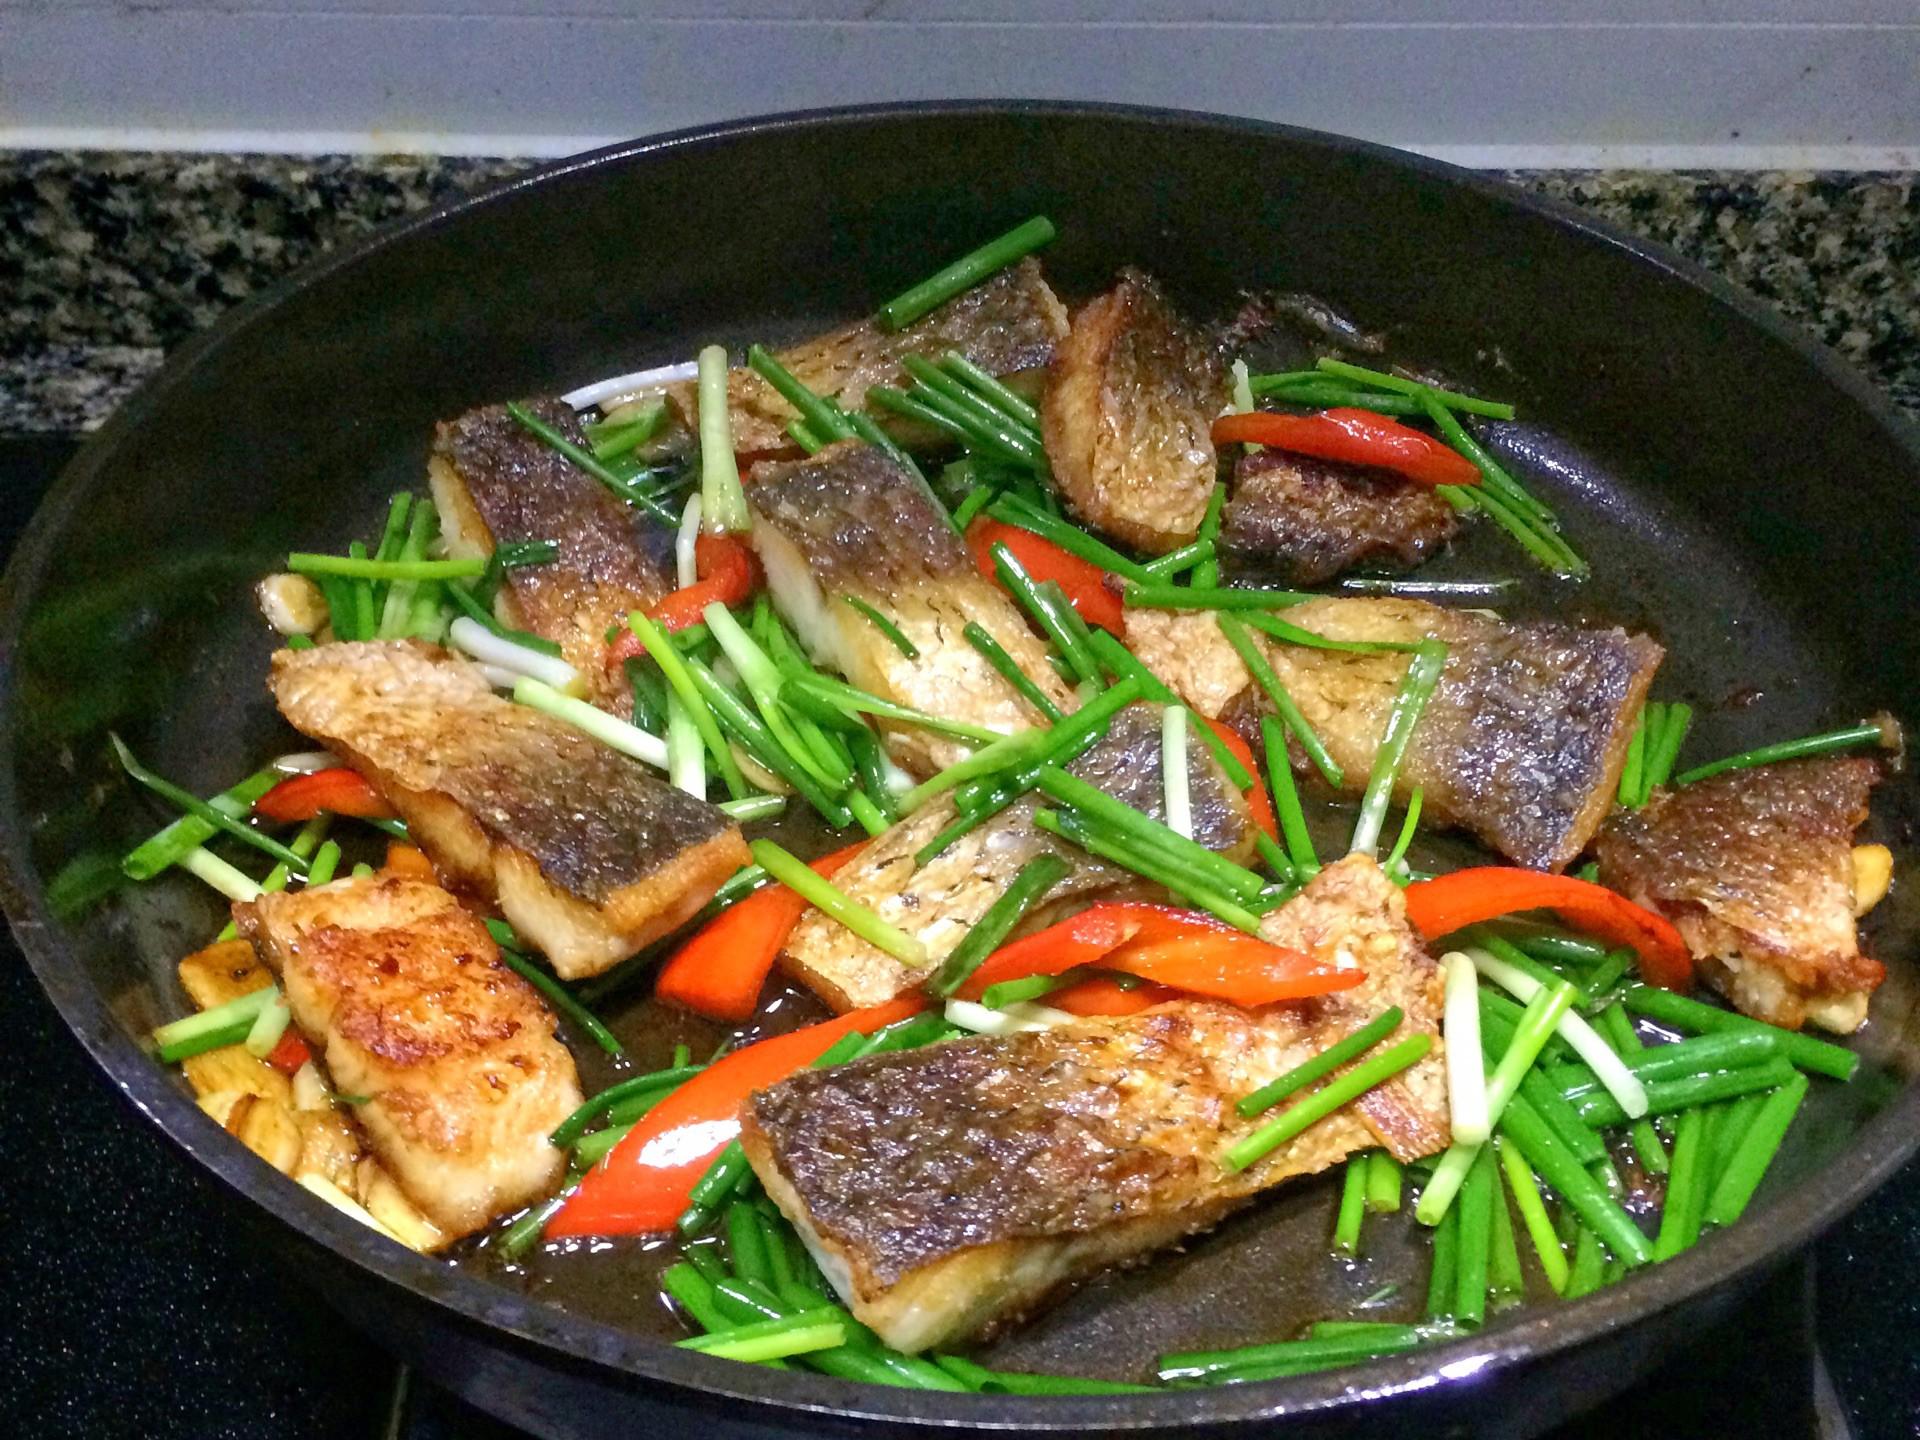 Cá chiên cay: Làm món nhậu ngon xuất sắc, ăn với cơm ngon bá cháy! - Ảnh 5